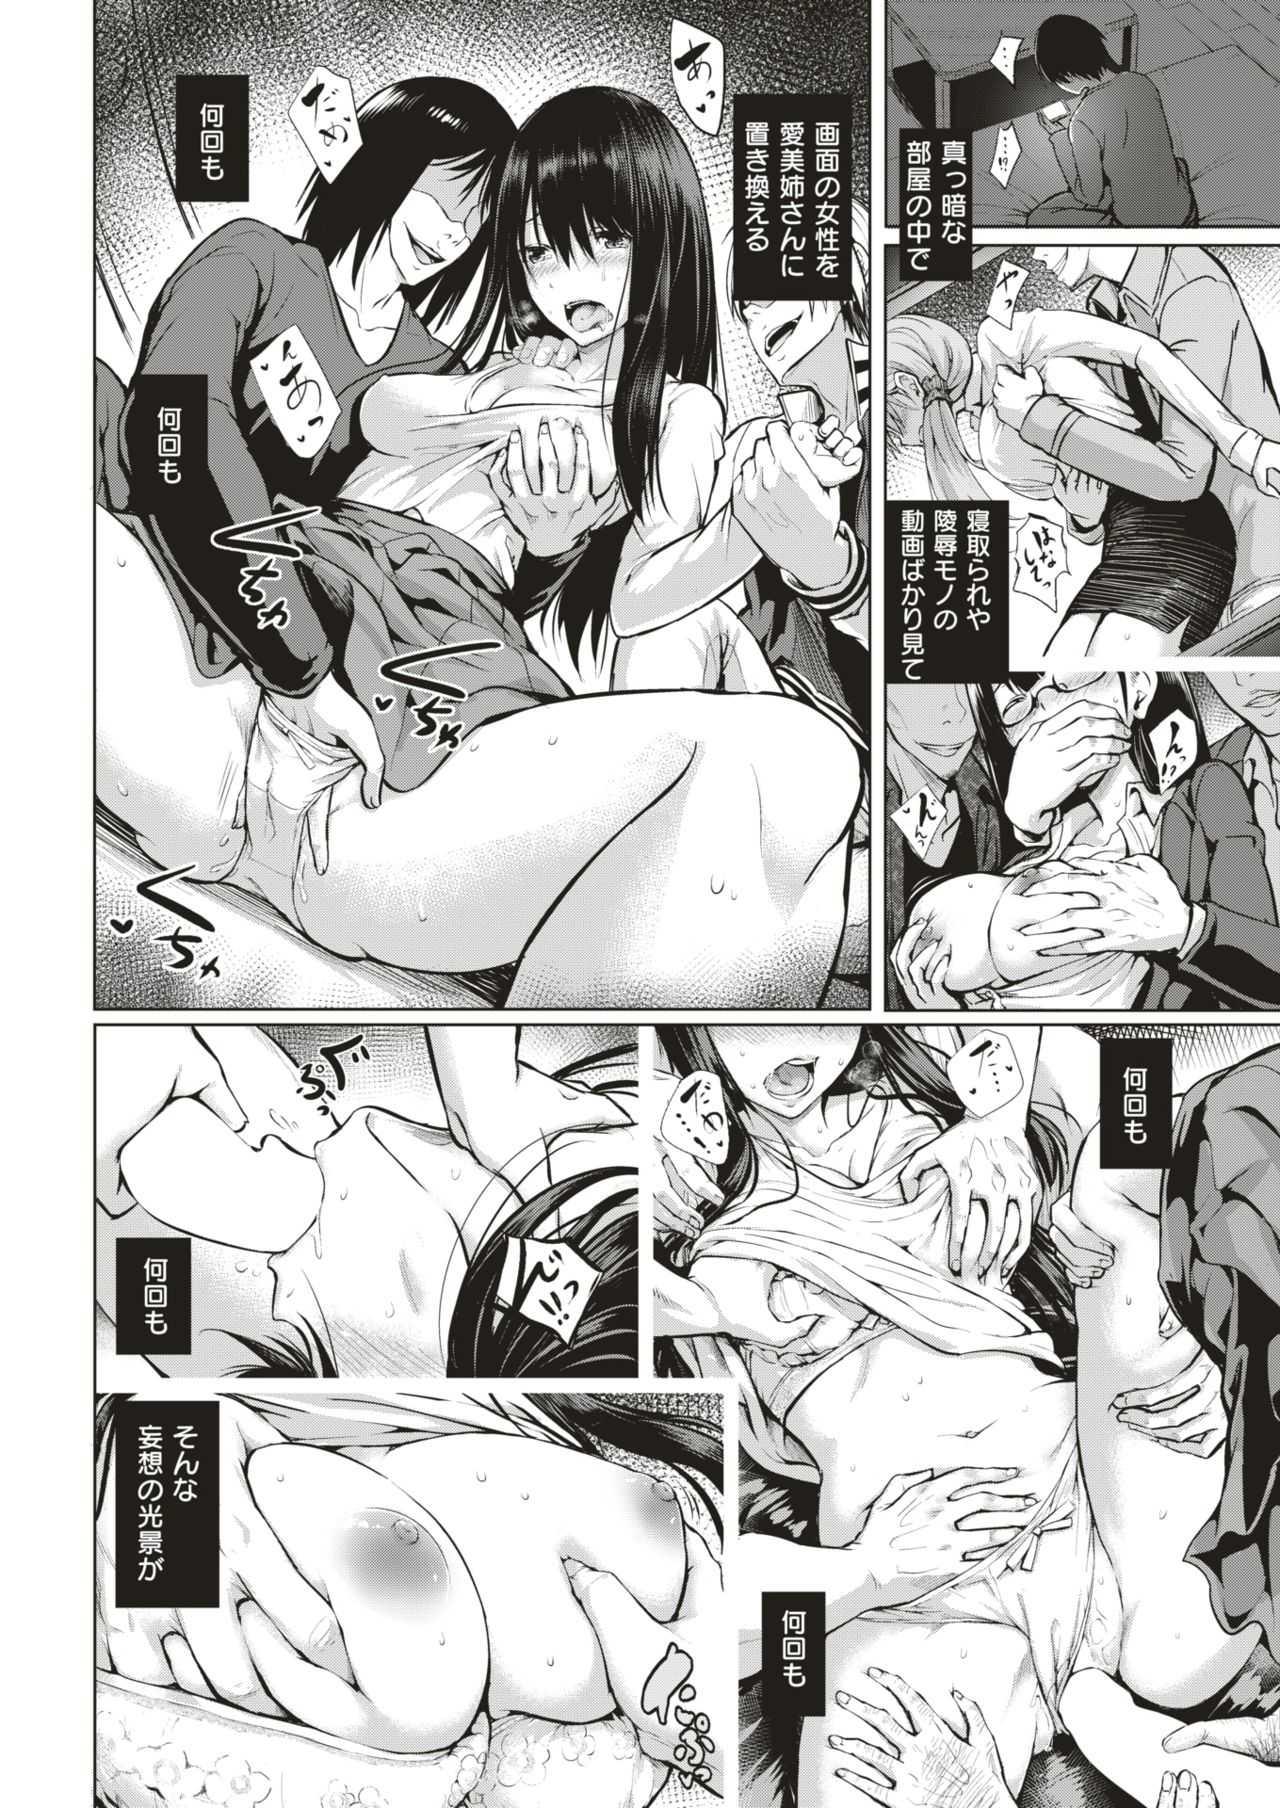 【エロ漫画】婚約者との結婚を控えたお姉さん…いじめられっ子の幼馴染に売られハメ撮り輪姦レイプの被害にwww【「タカシ」:家族】